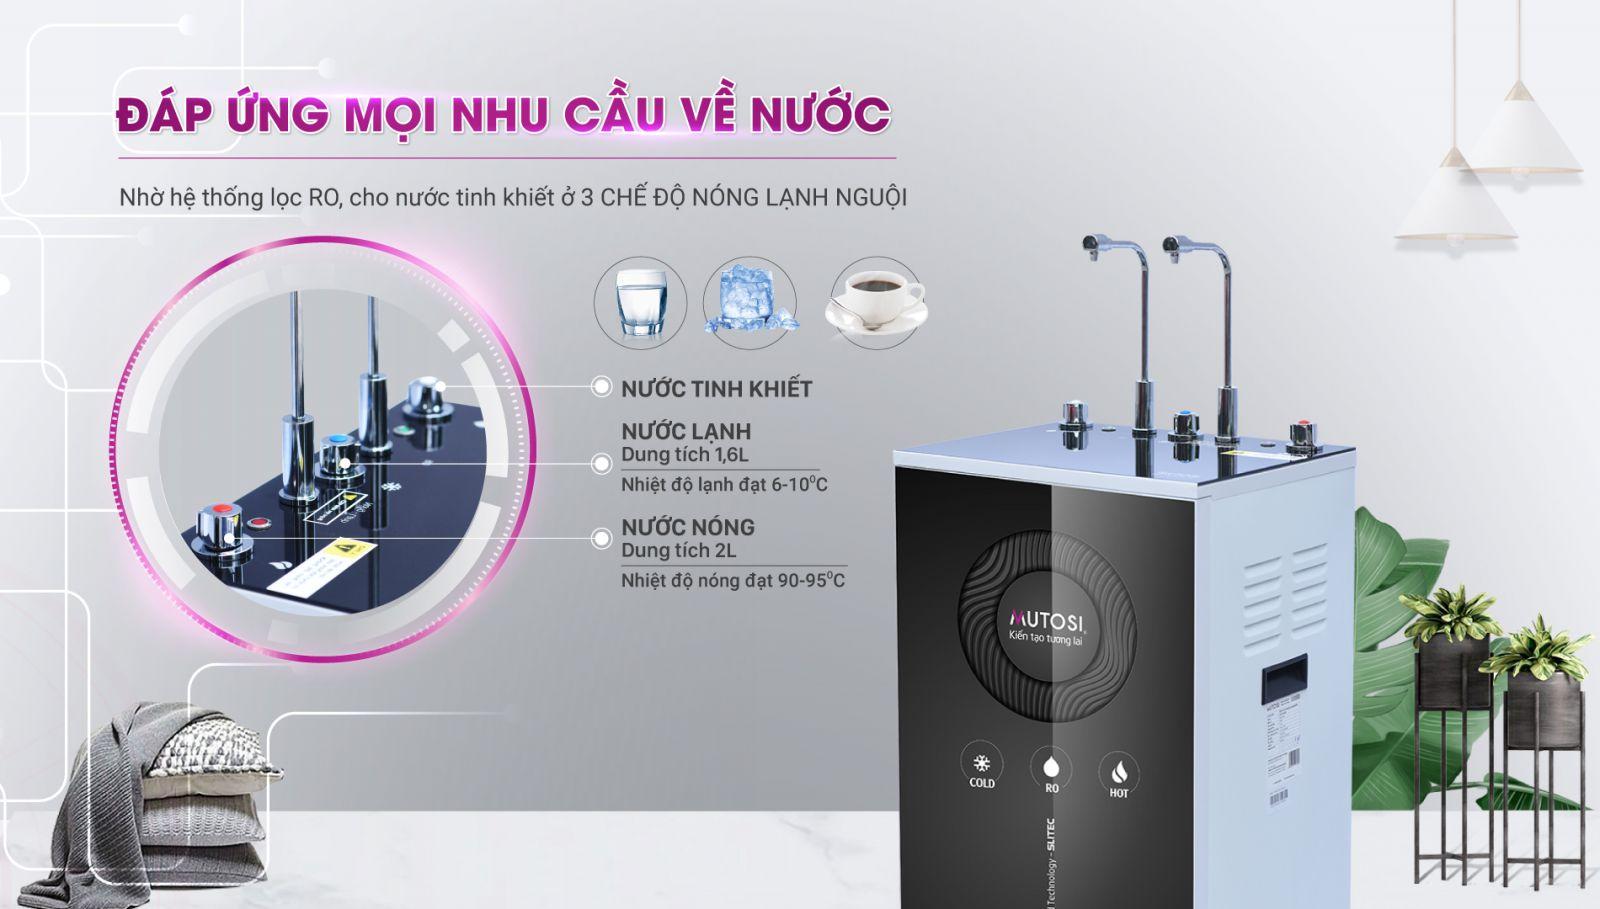 Máy lọc nước Nóng Lạnh Nguội 10 lõi MP-C102-MHC